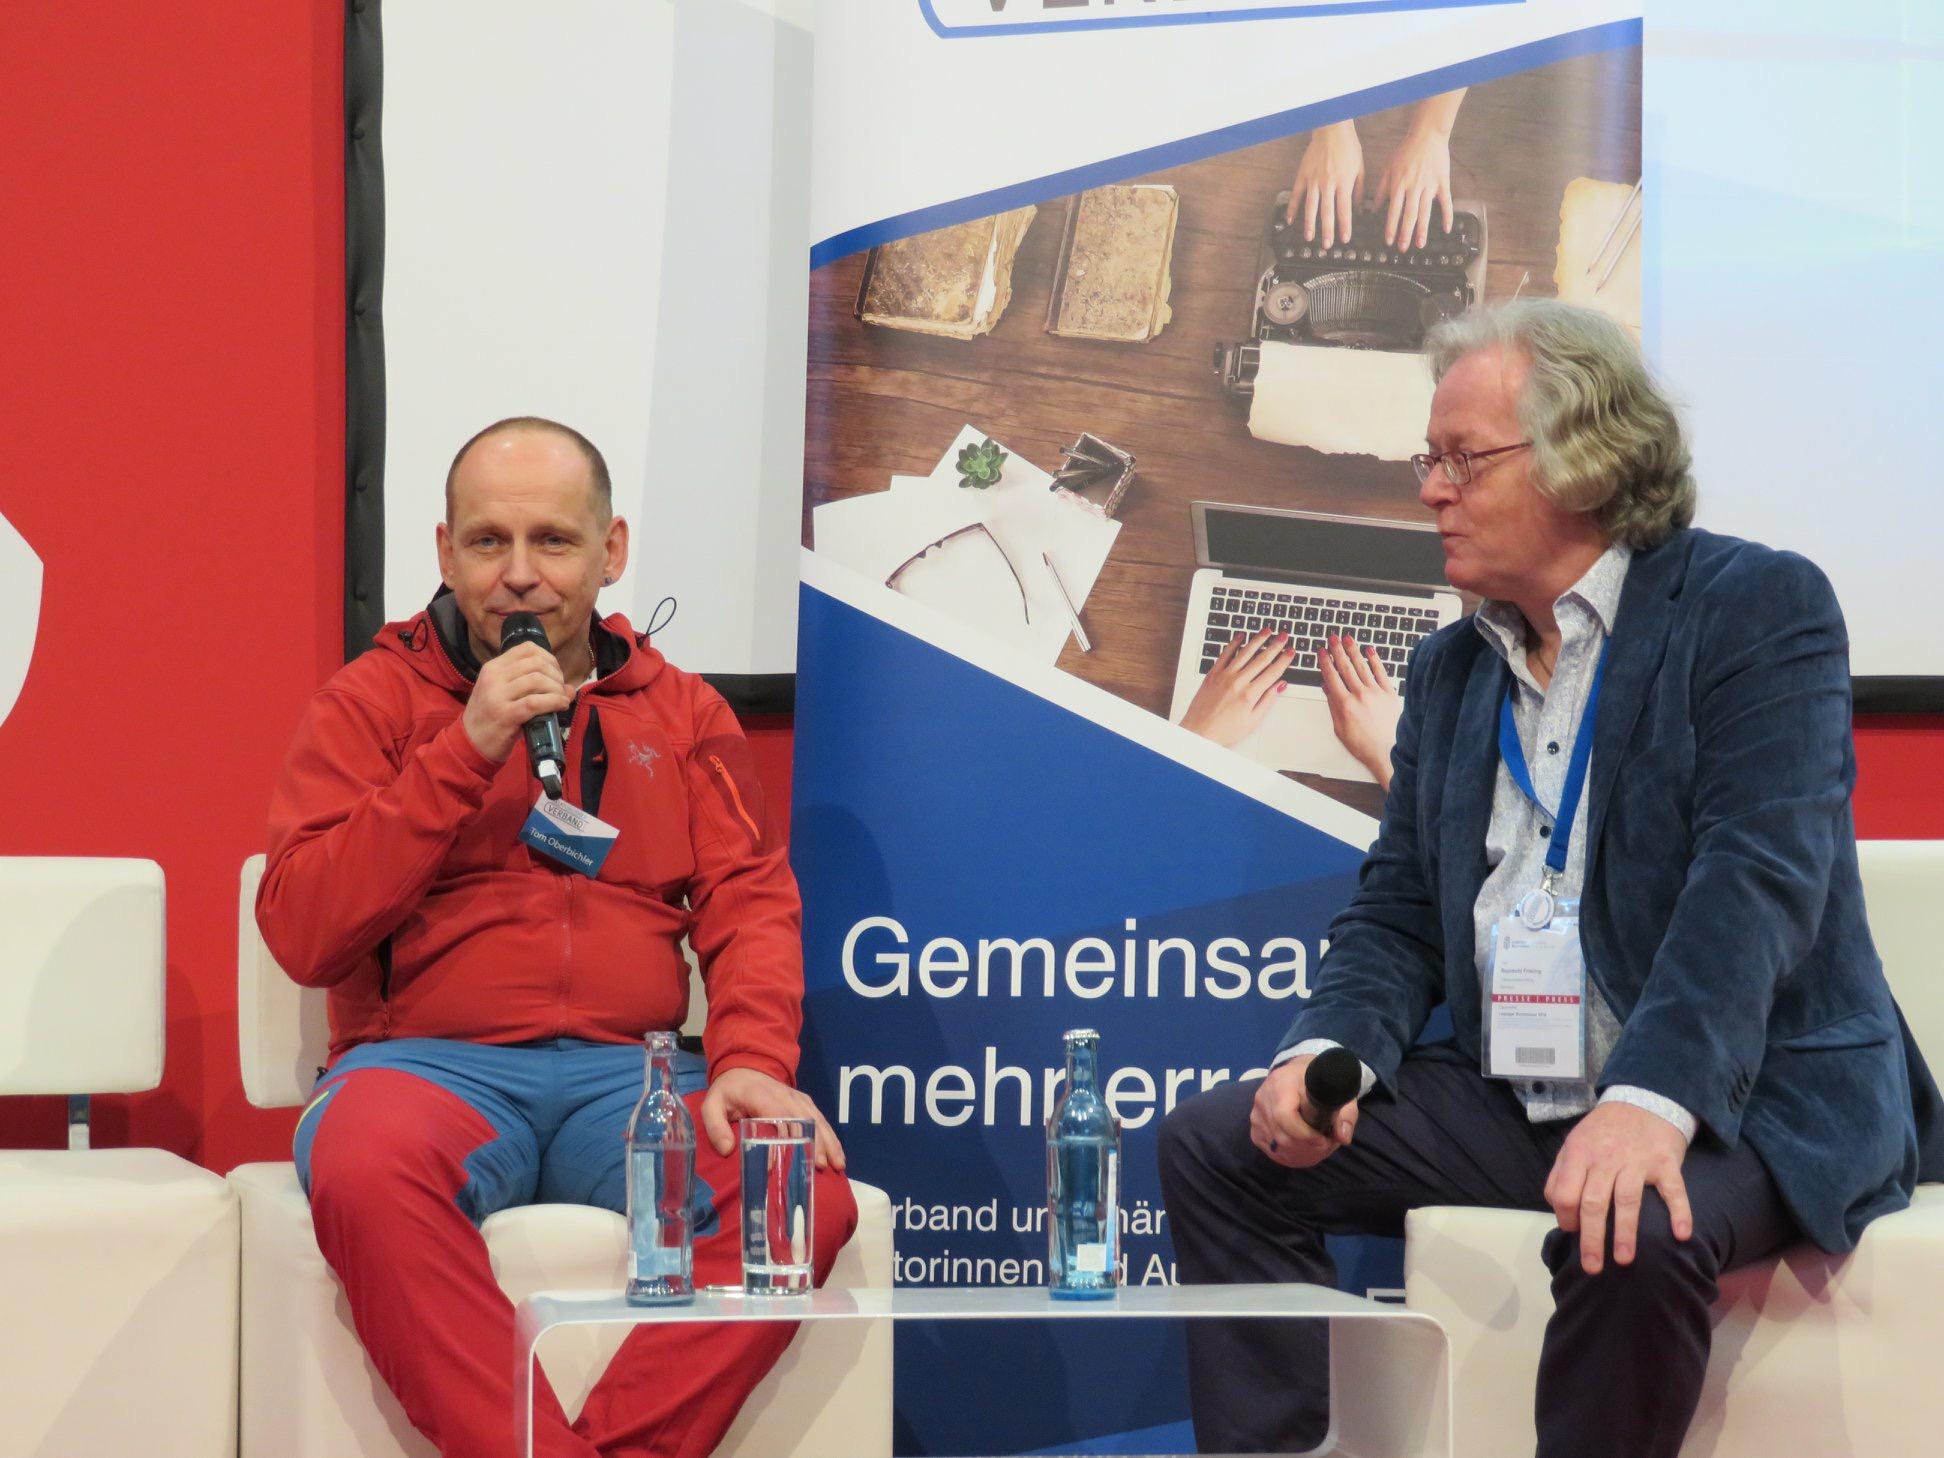 Die Leipziger Buchmesse 2018 und Self-Publishing – ein Bericht und Ausblick